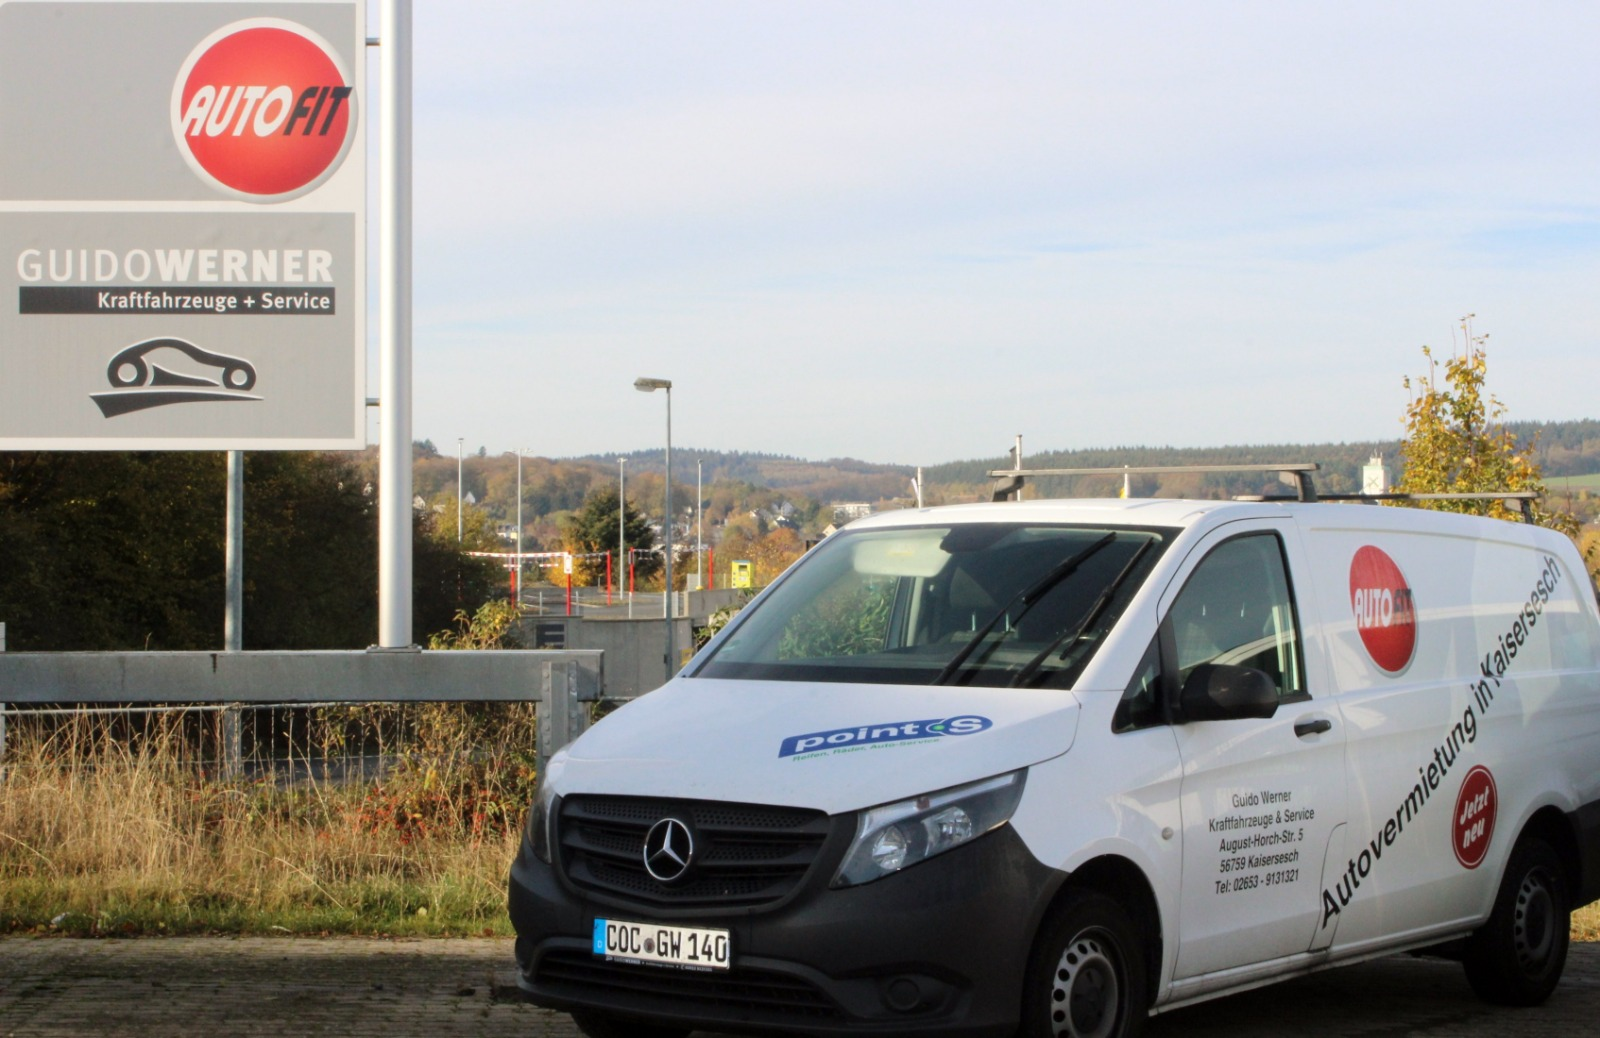 Guido Werner Kraftfahrzeuge und Service